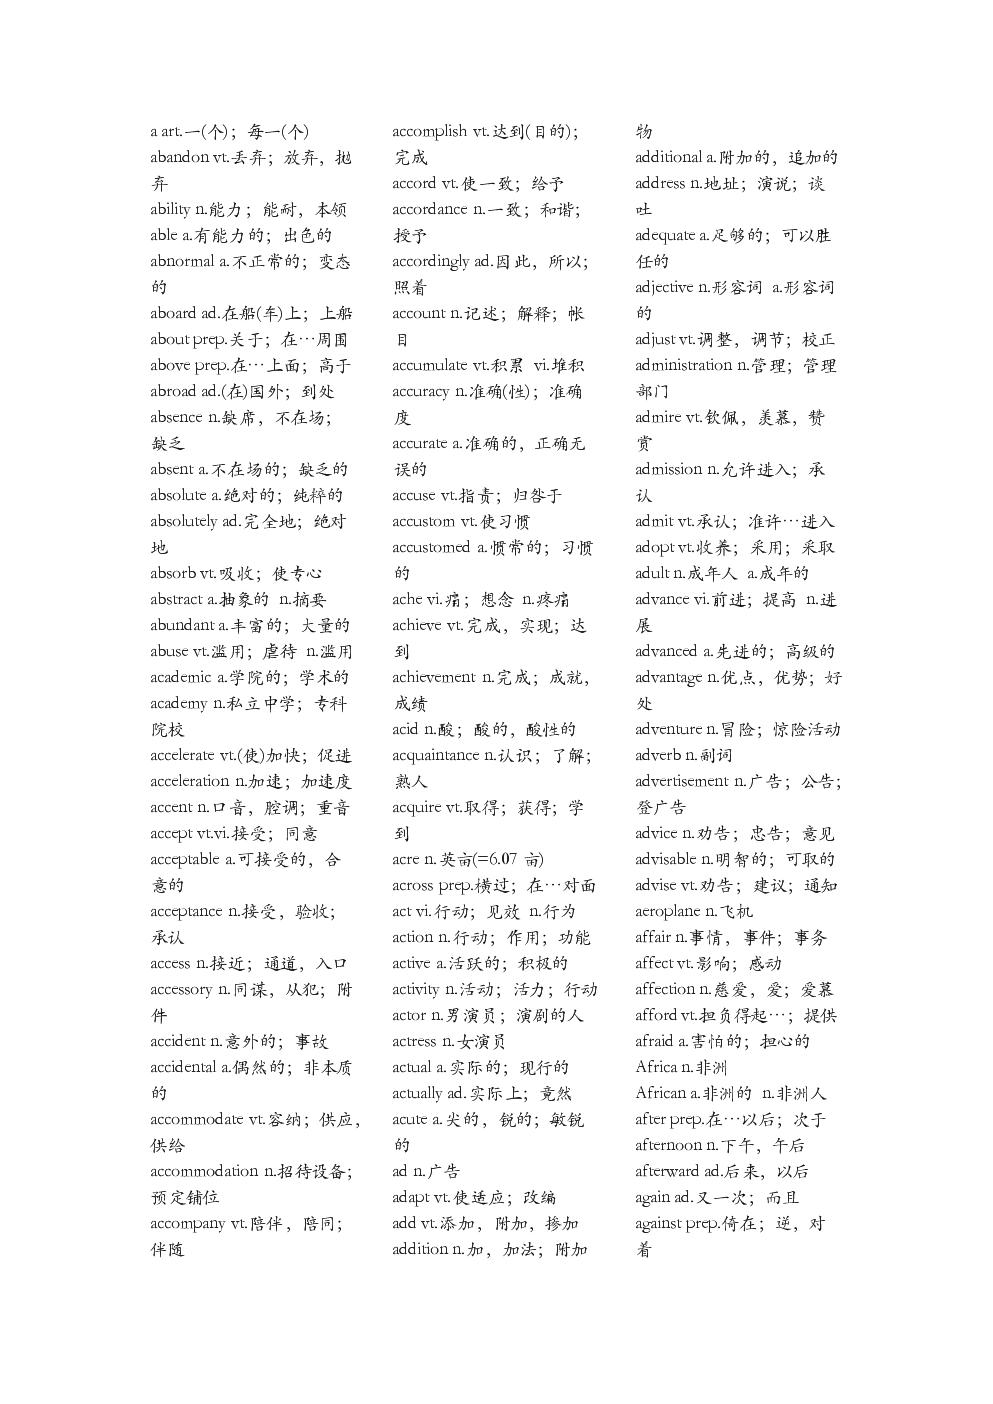 英语四级的单词表TXT.doc